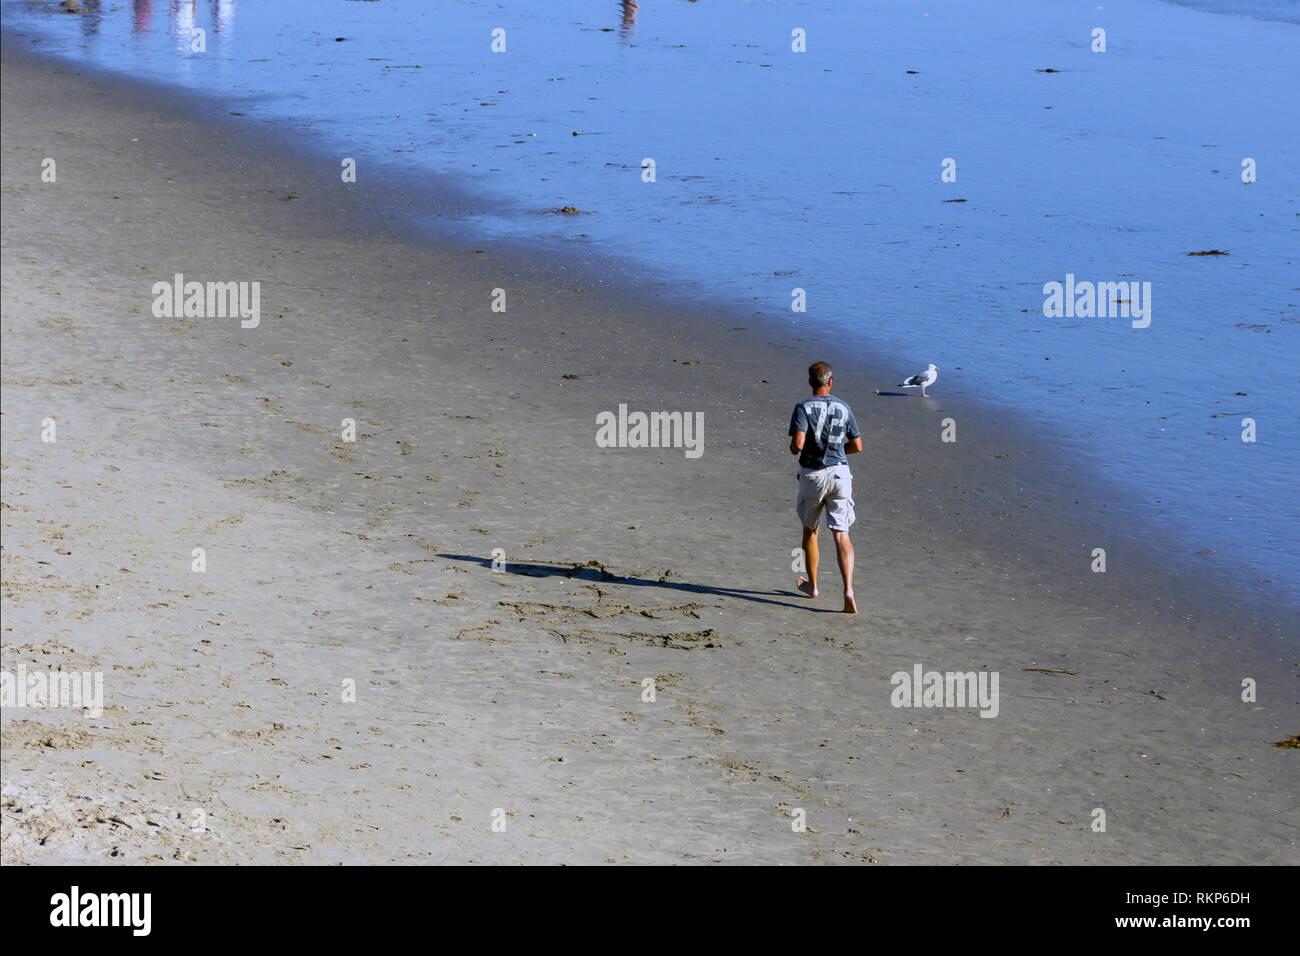 Hombre ejercitandose en la playa, Santa Monica, California - Stock Image